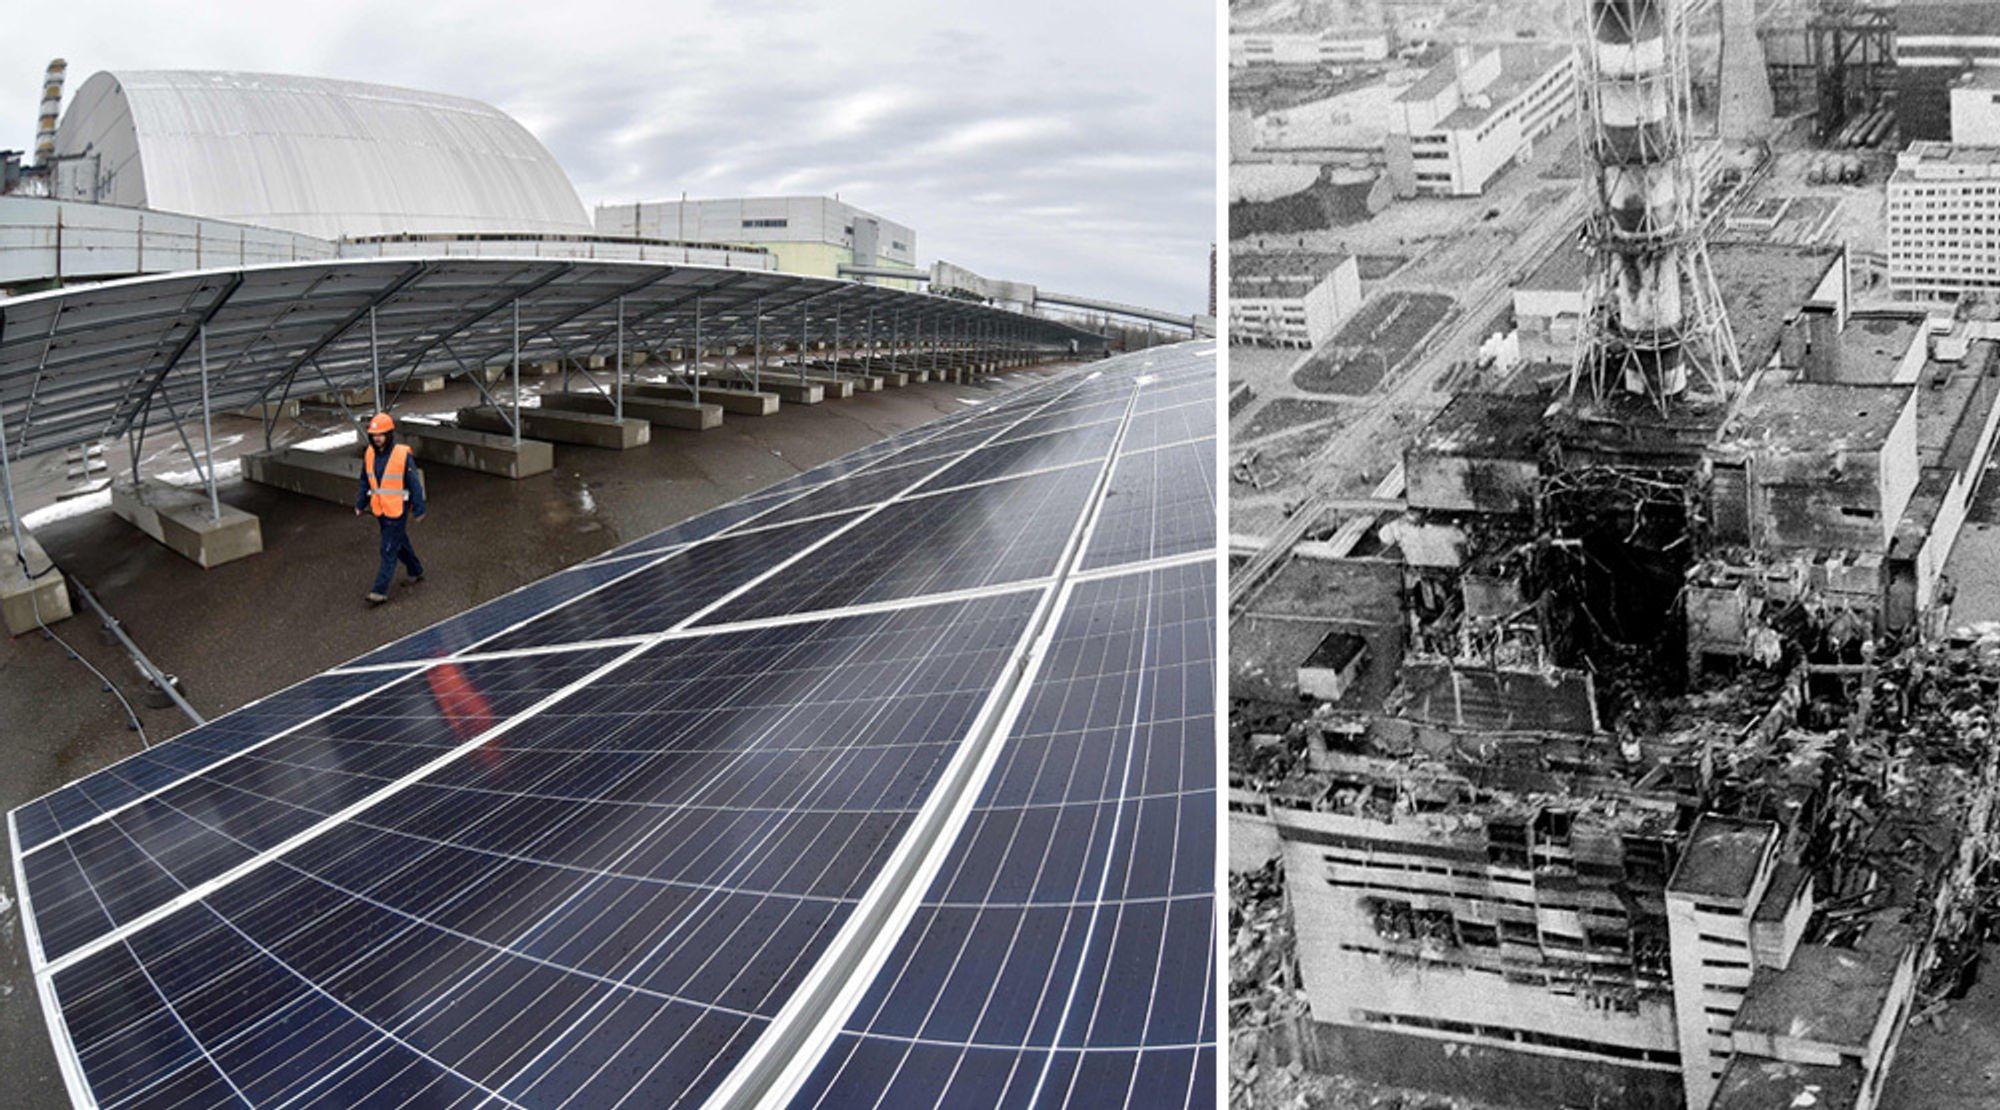 Det første etappen av solcelleparken i Tsjernobyl skal være klar til å kobles til strømnettet i løpet av et par uker. Bildet til høyre viser luftfoto av reaktor fire 2-3 dager etter verdens verste atomulykke i april 1986. Foran den høye pipen er den ødelagte reaktoren.